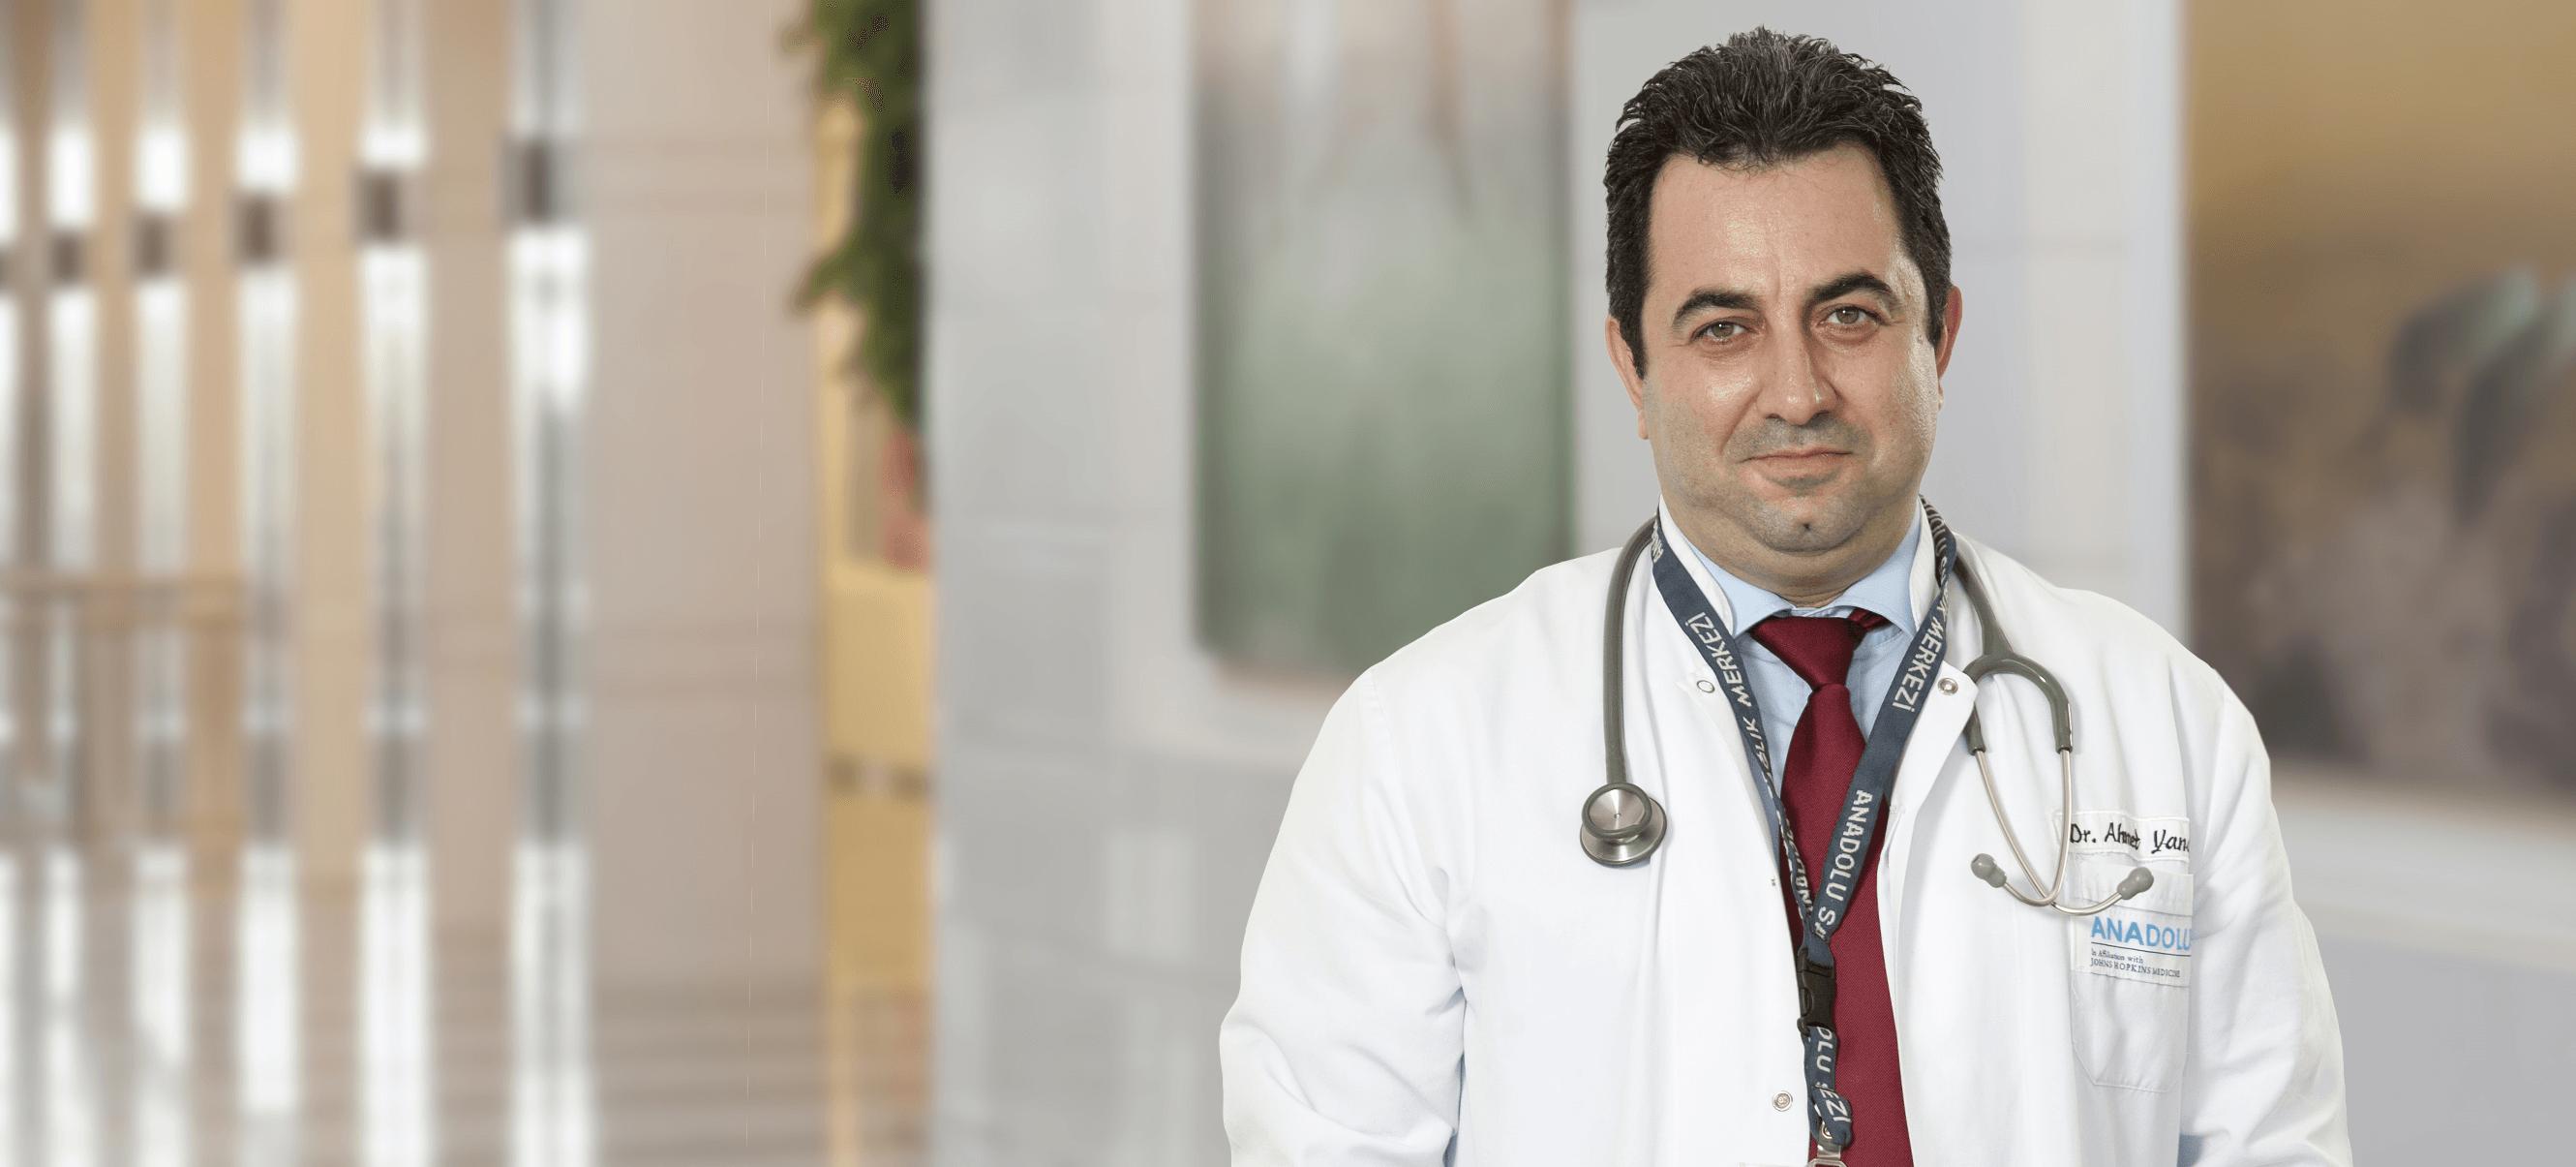 Ахмет Янар